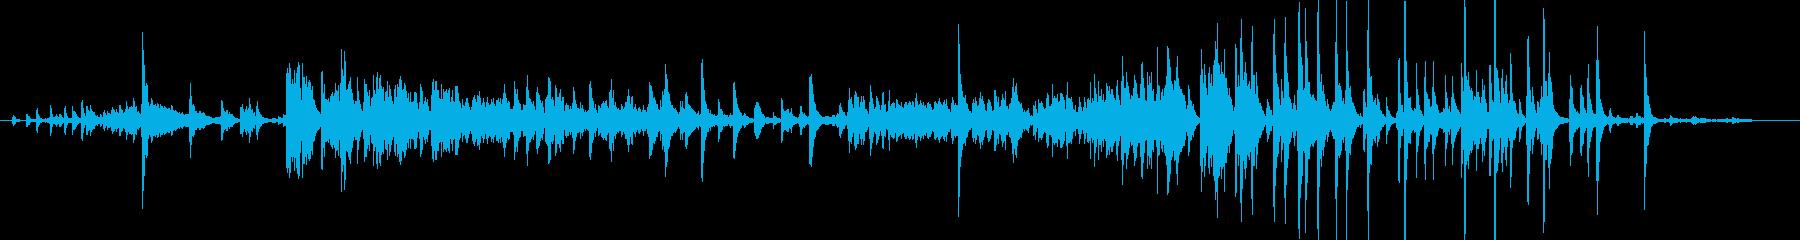 メタル クリークストレスミディアム06の再生済みの波形